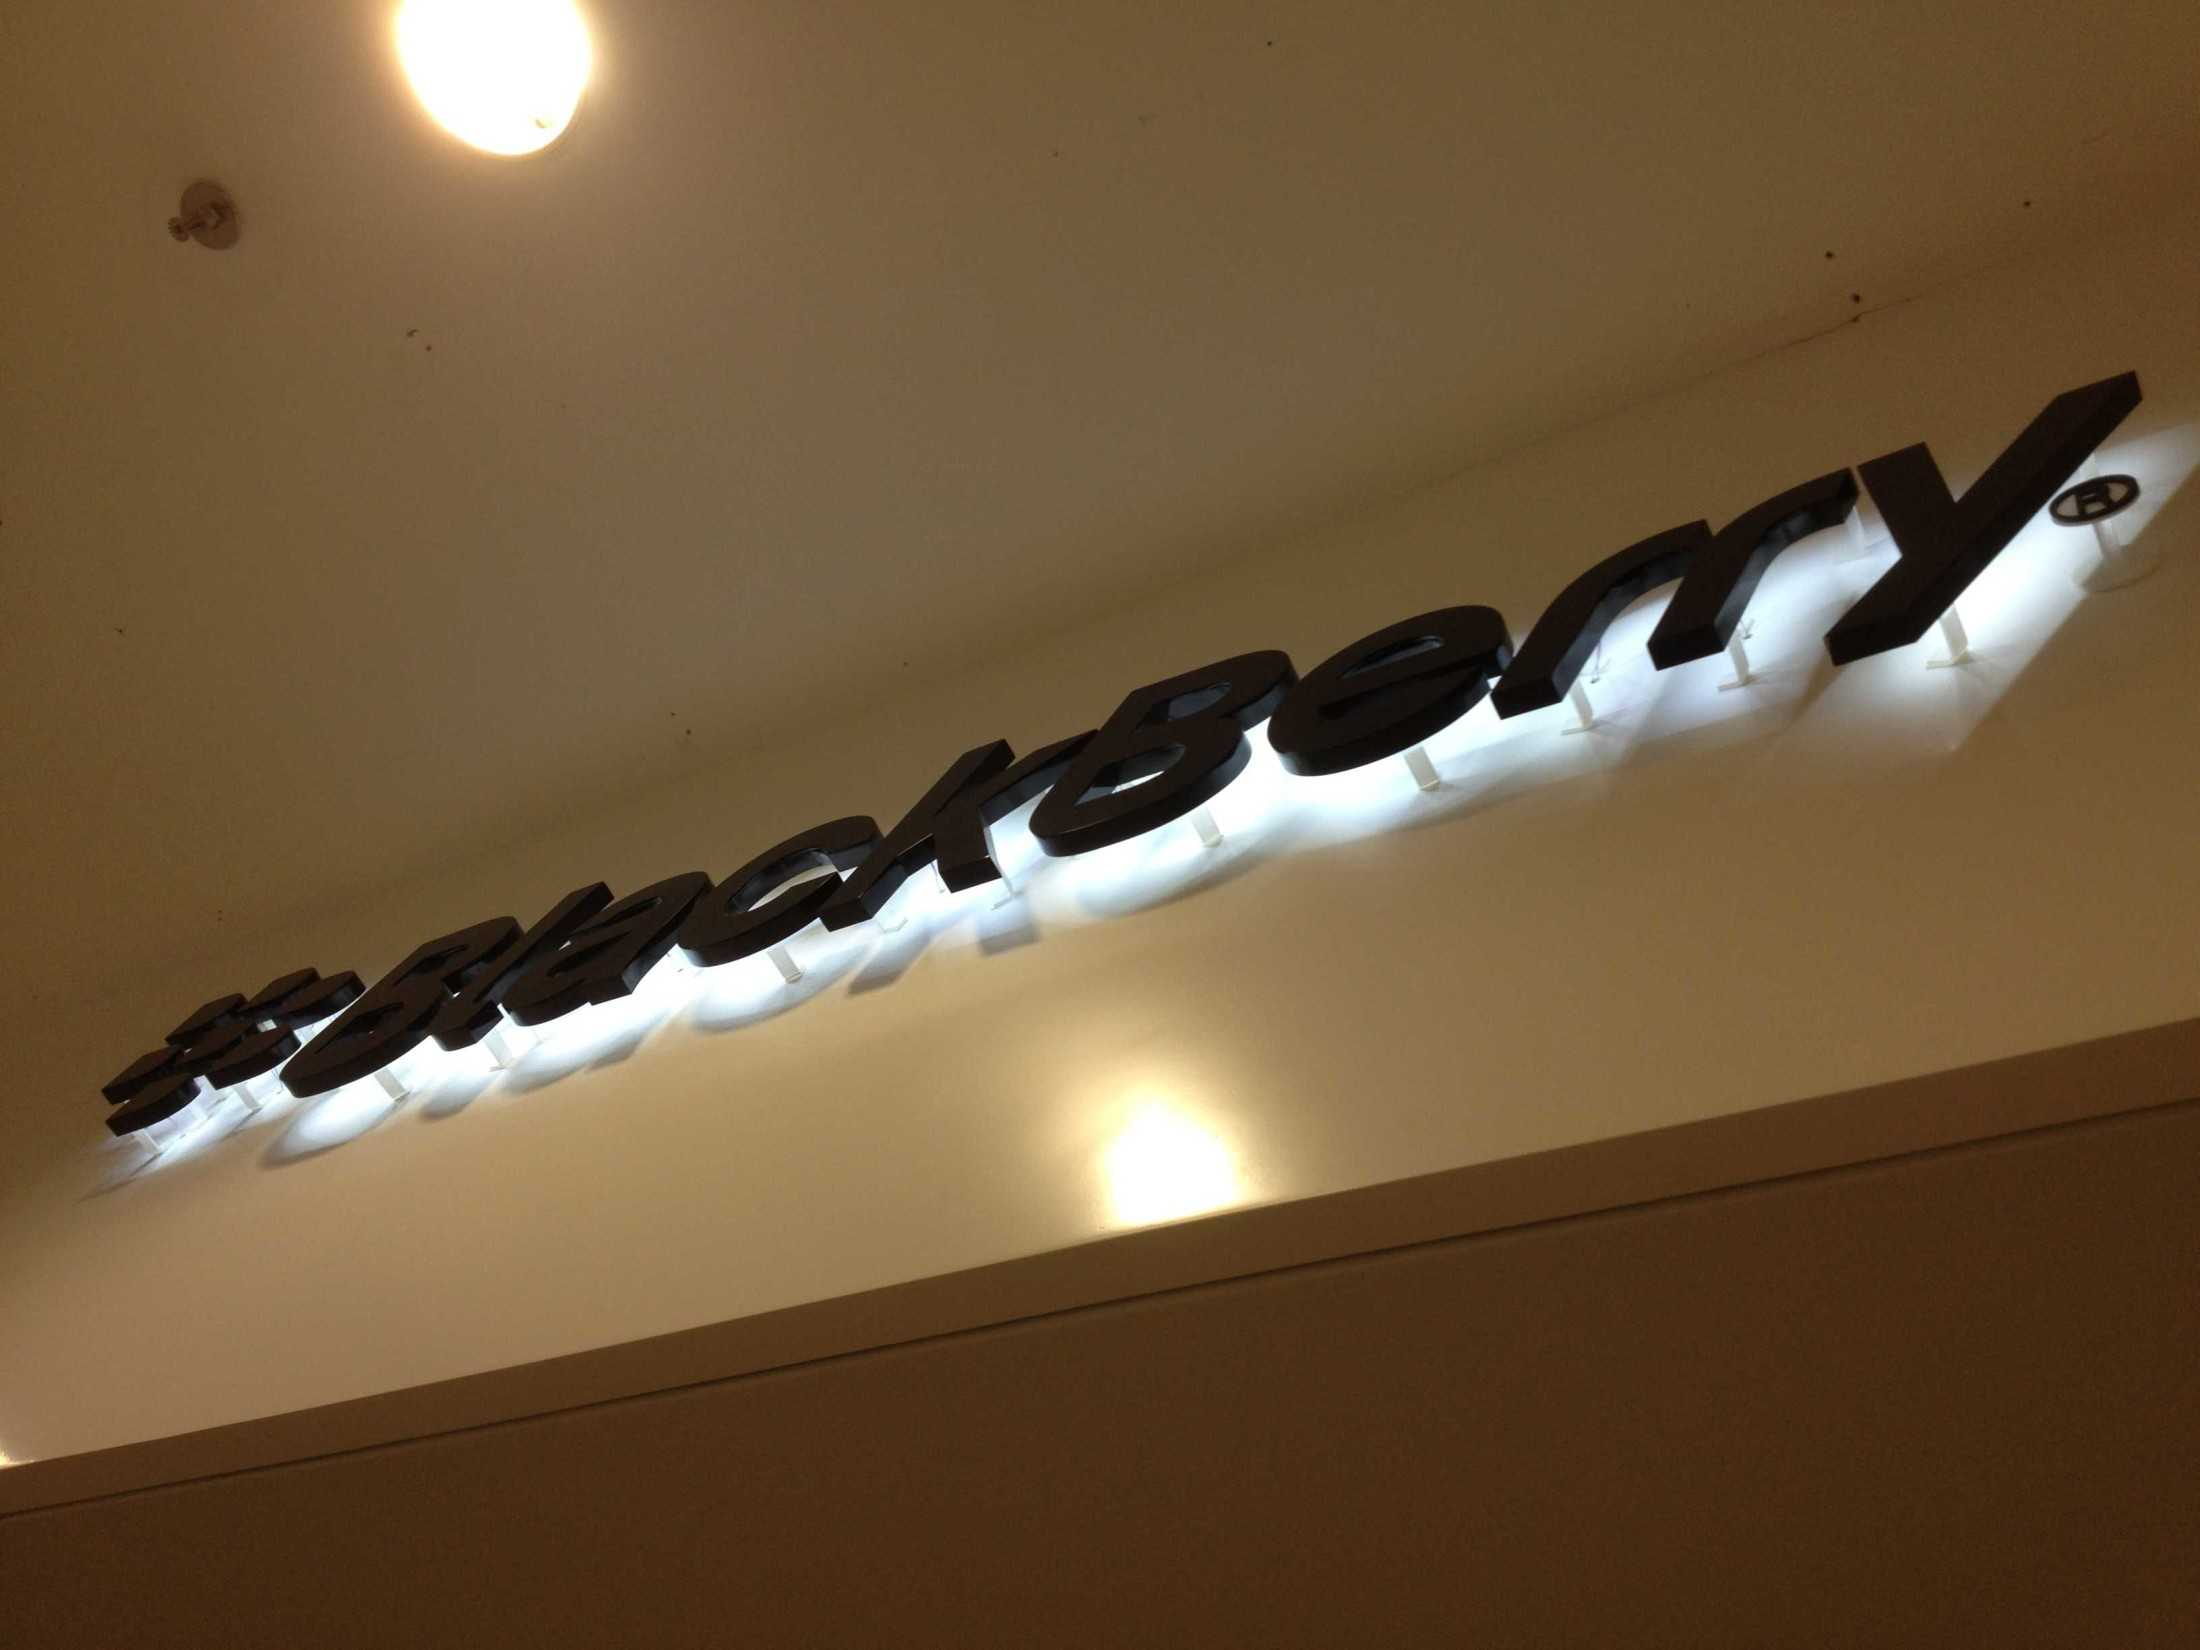 Astana Interior Blackberry Store Gandaria Jakarta, Daerah Khusus Ibukota Jakarta, Indonesia Jakarta, Daerah Khusus Ibukota Jakarta, Indonesia Astana-Interior-Blackberry-Store-Gandaria  58025